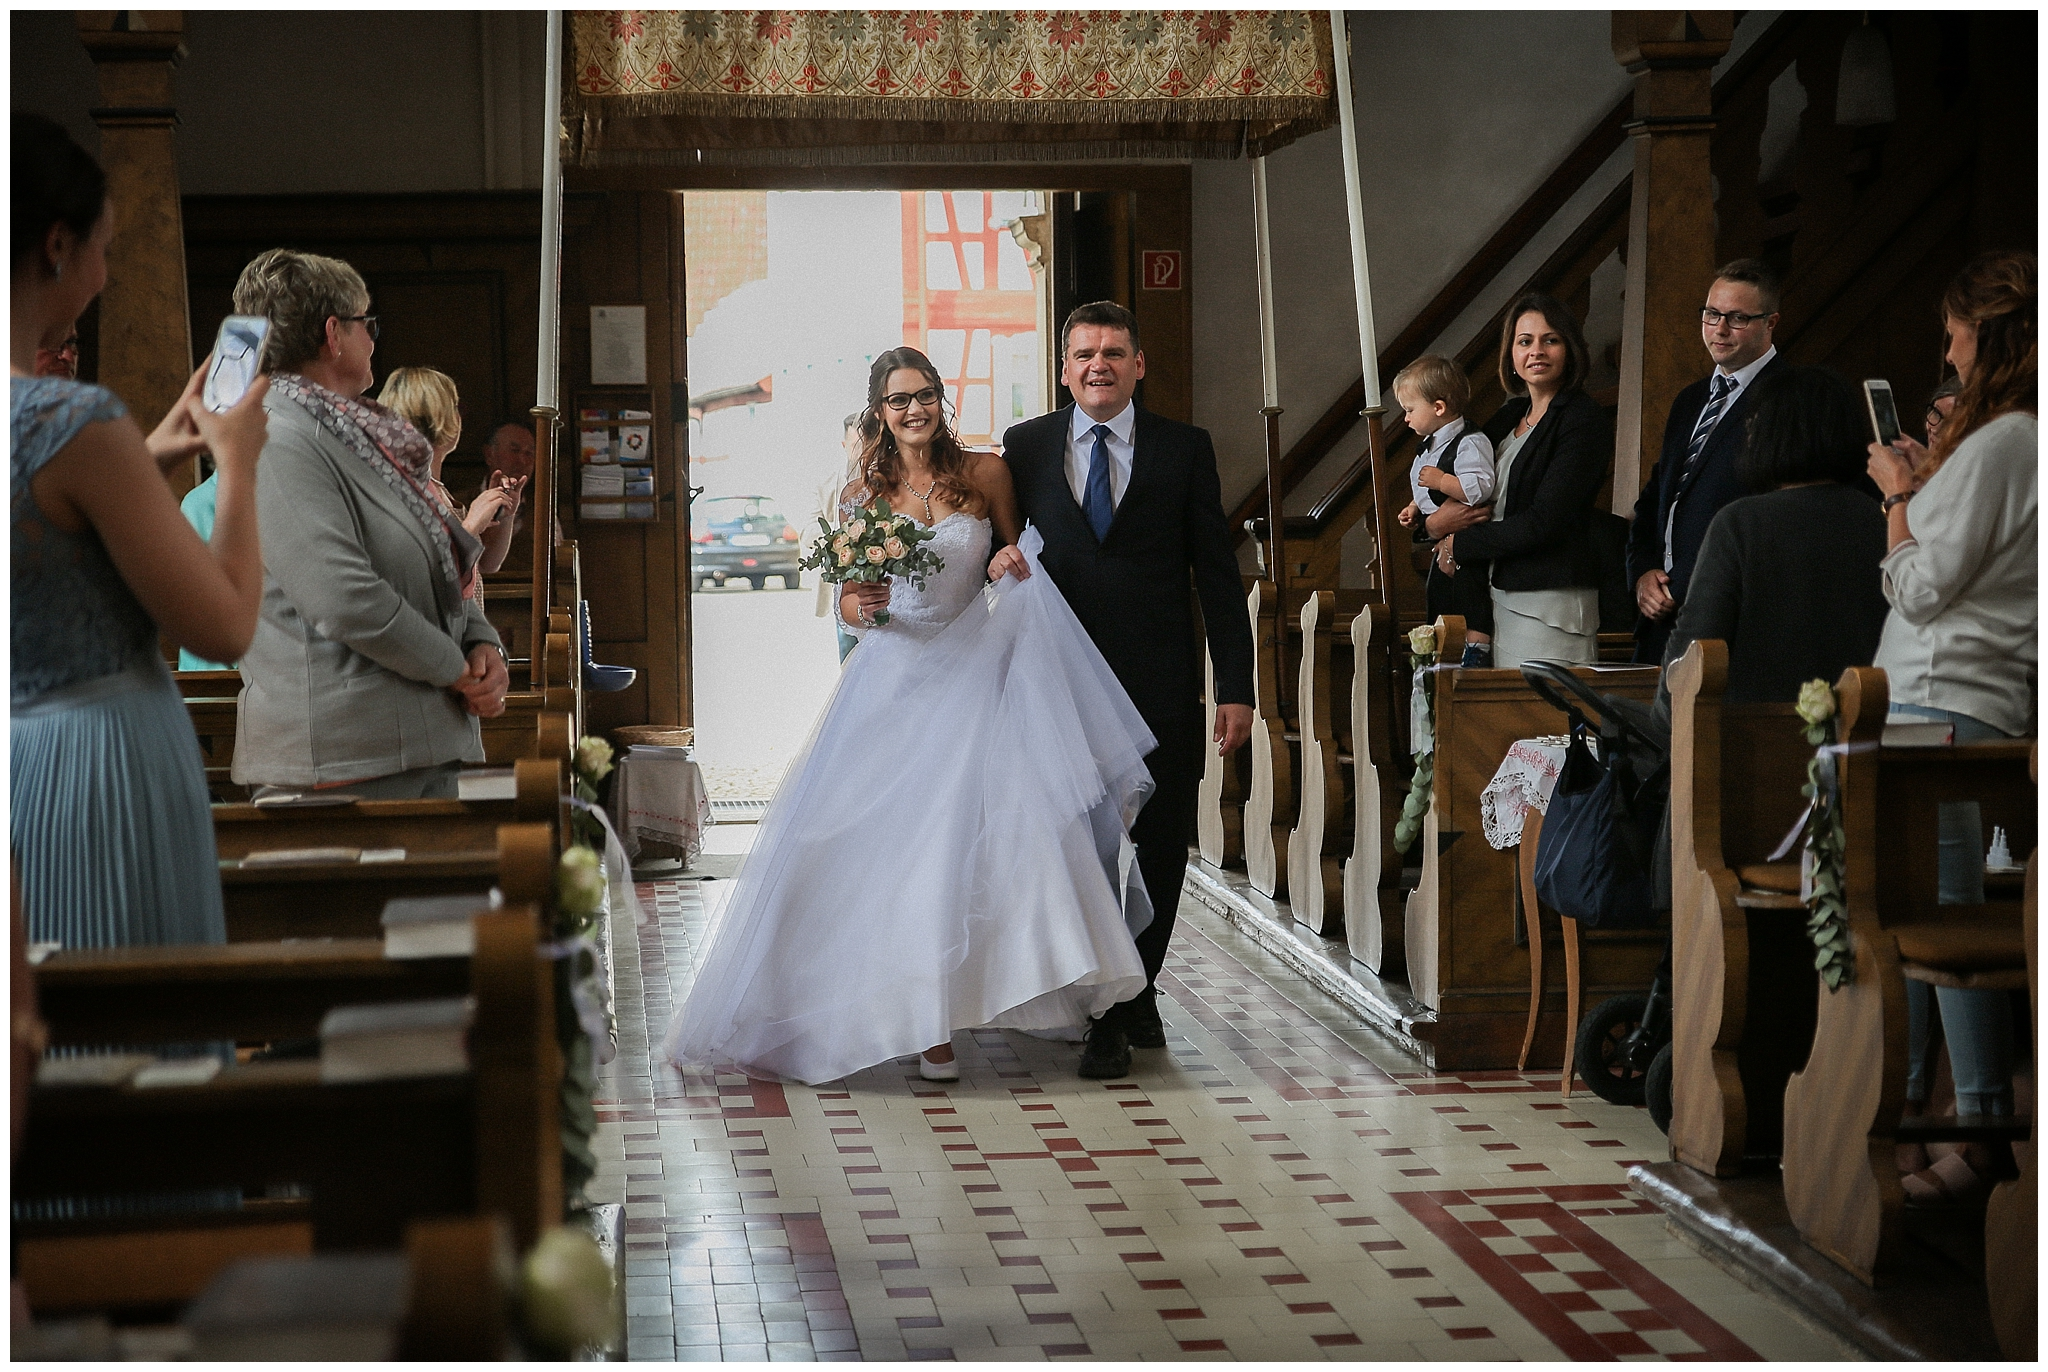 Hochzeit_Menninger_dieLICHTBUILDER_34.jpg